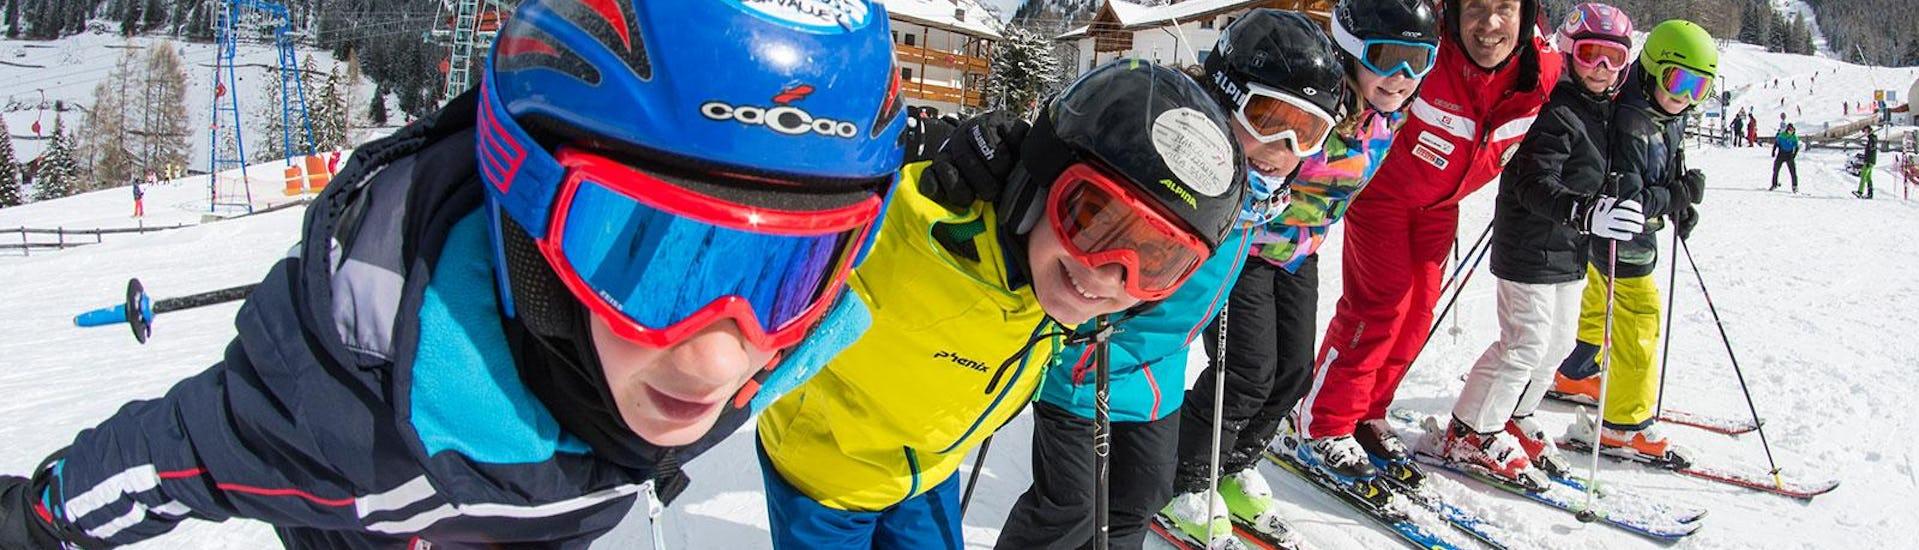 """Skikurs """"Ganztags"""" für Kinder (4-12 Jahre) - Fortgeschritten"""